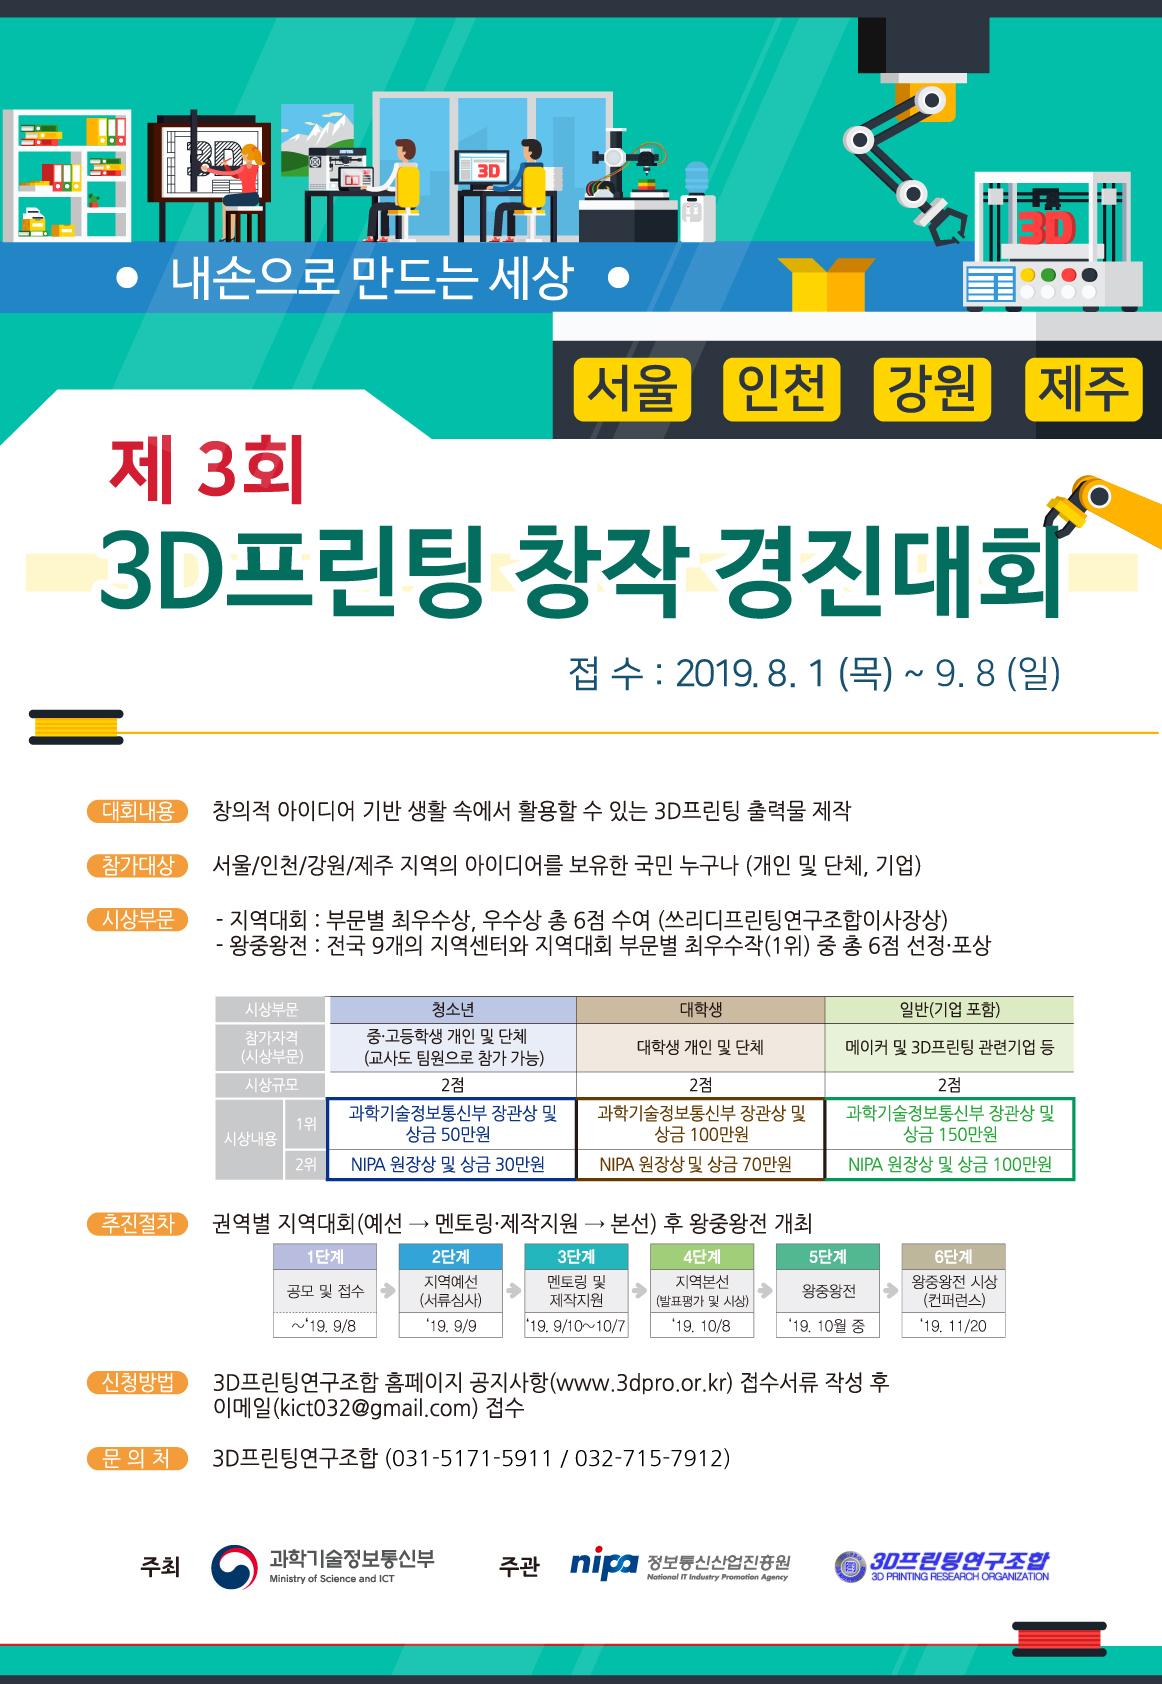 제 3회 3D프린팅 창작 경진대회